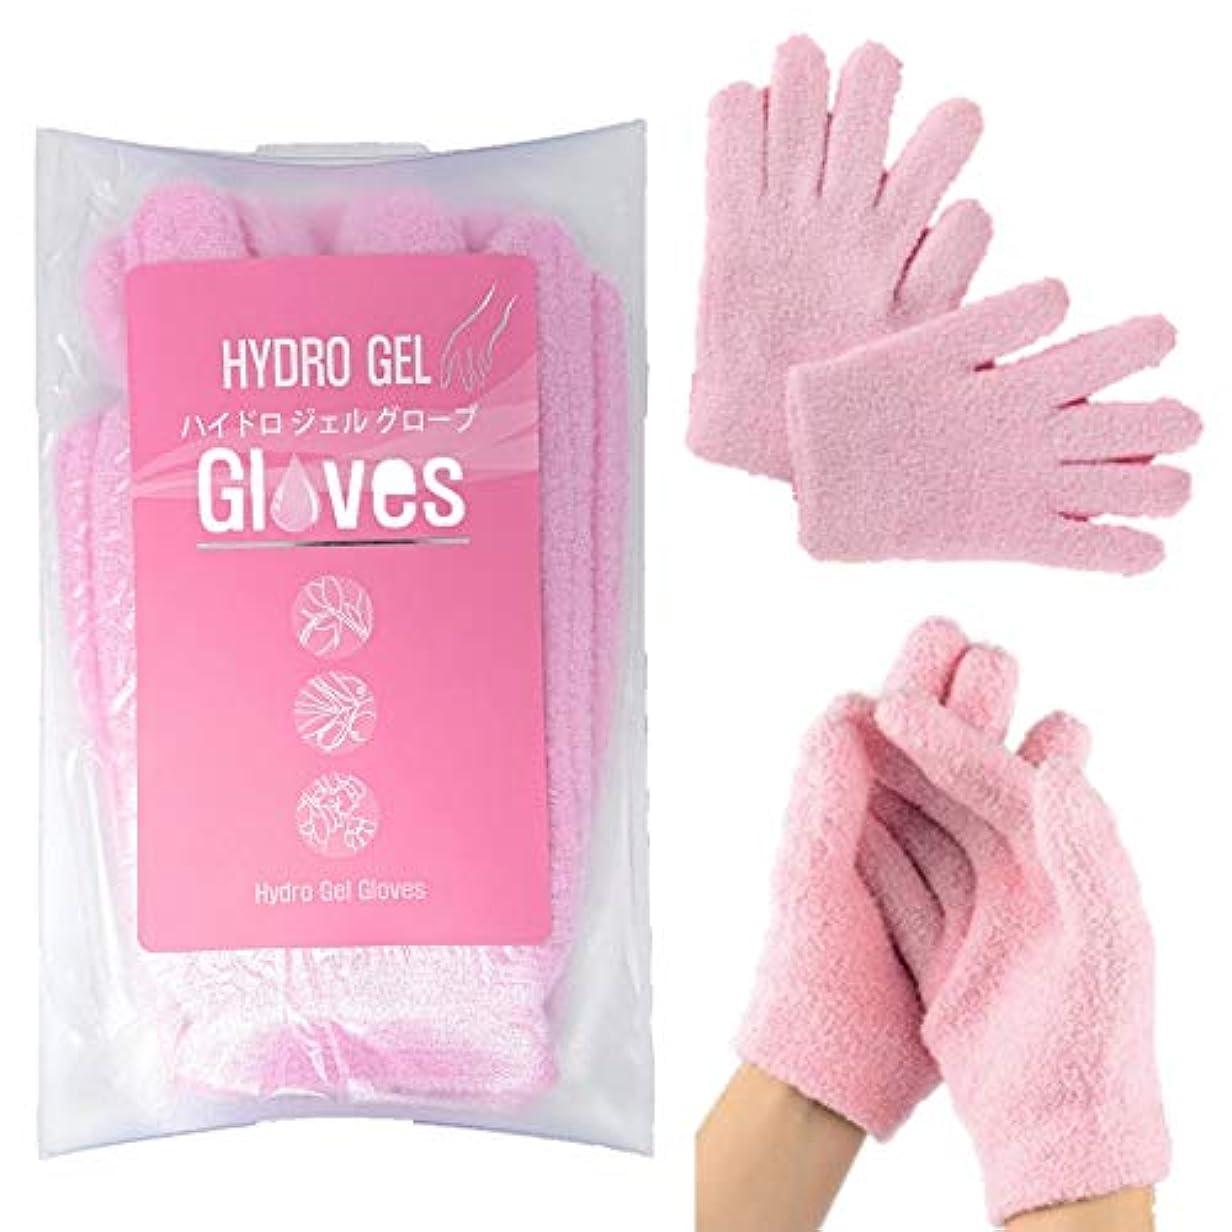 美容 保湿 手袋 Mediet ハイドロ ジェル グローブ フリーサイズ 肌のカサカサ 痒み 防止 緩和